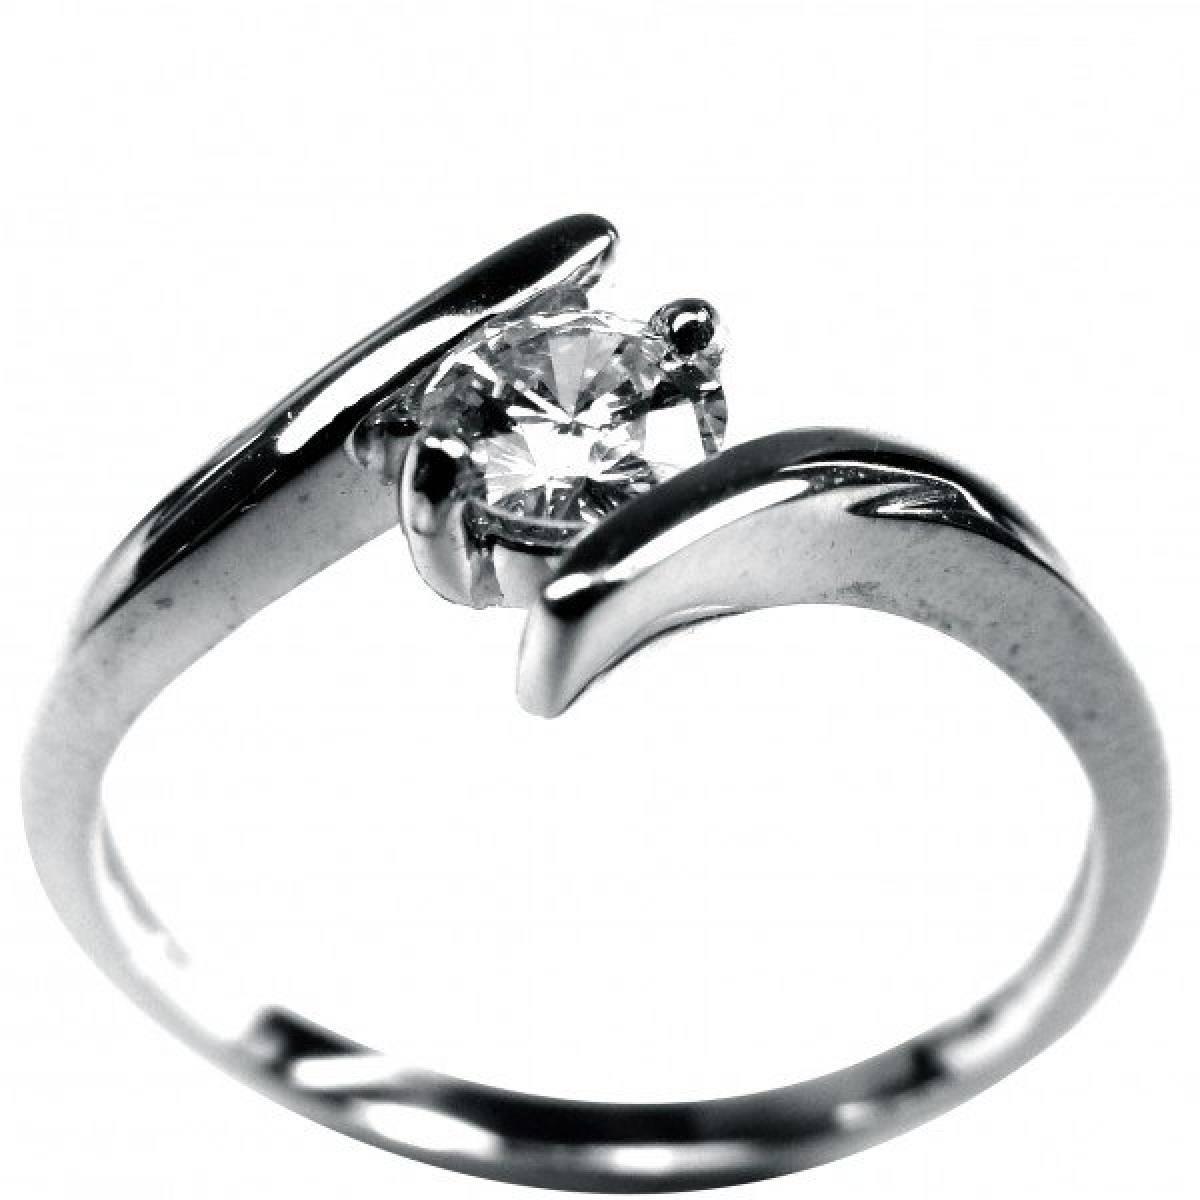 Anel de Noivado em ouro branco com 1 diamante de 0,30 cts